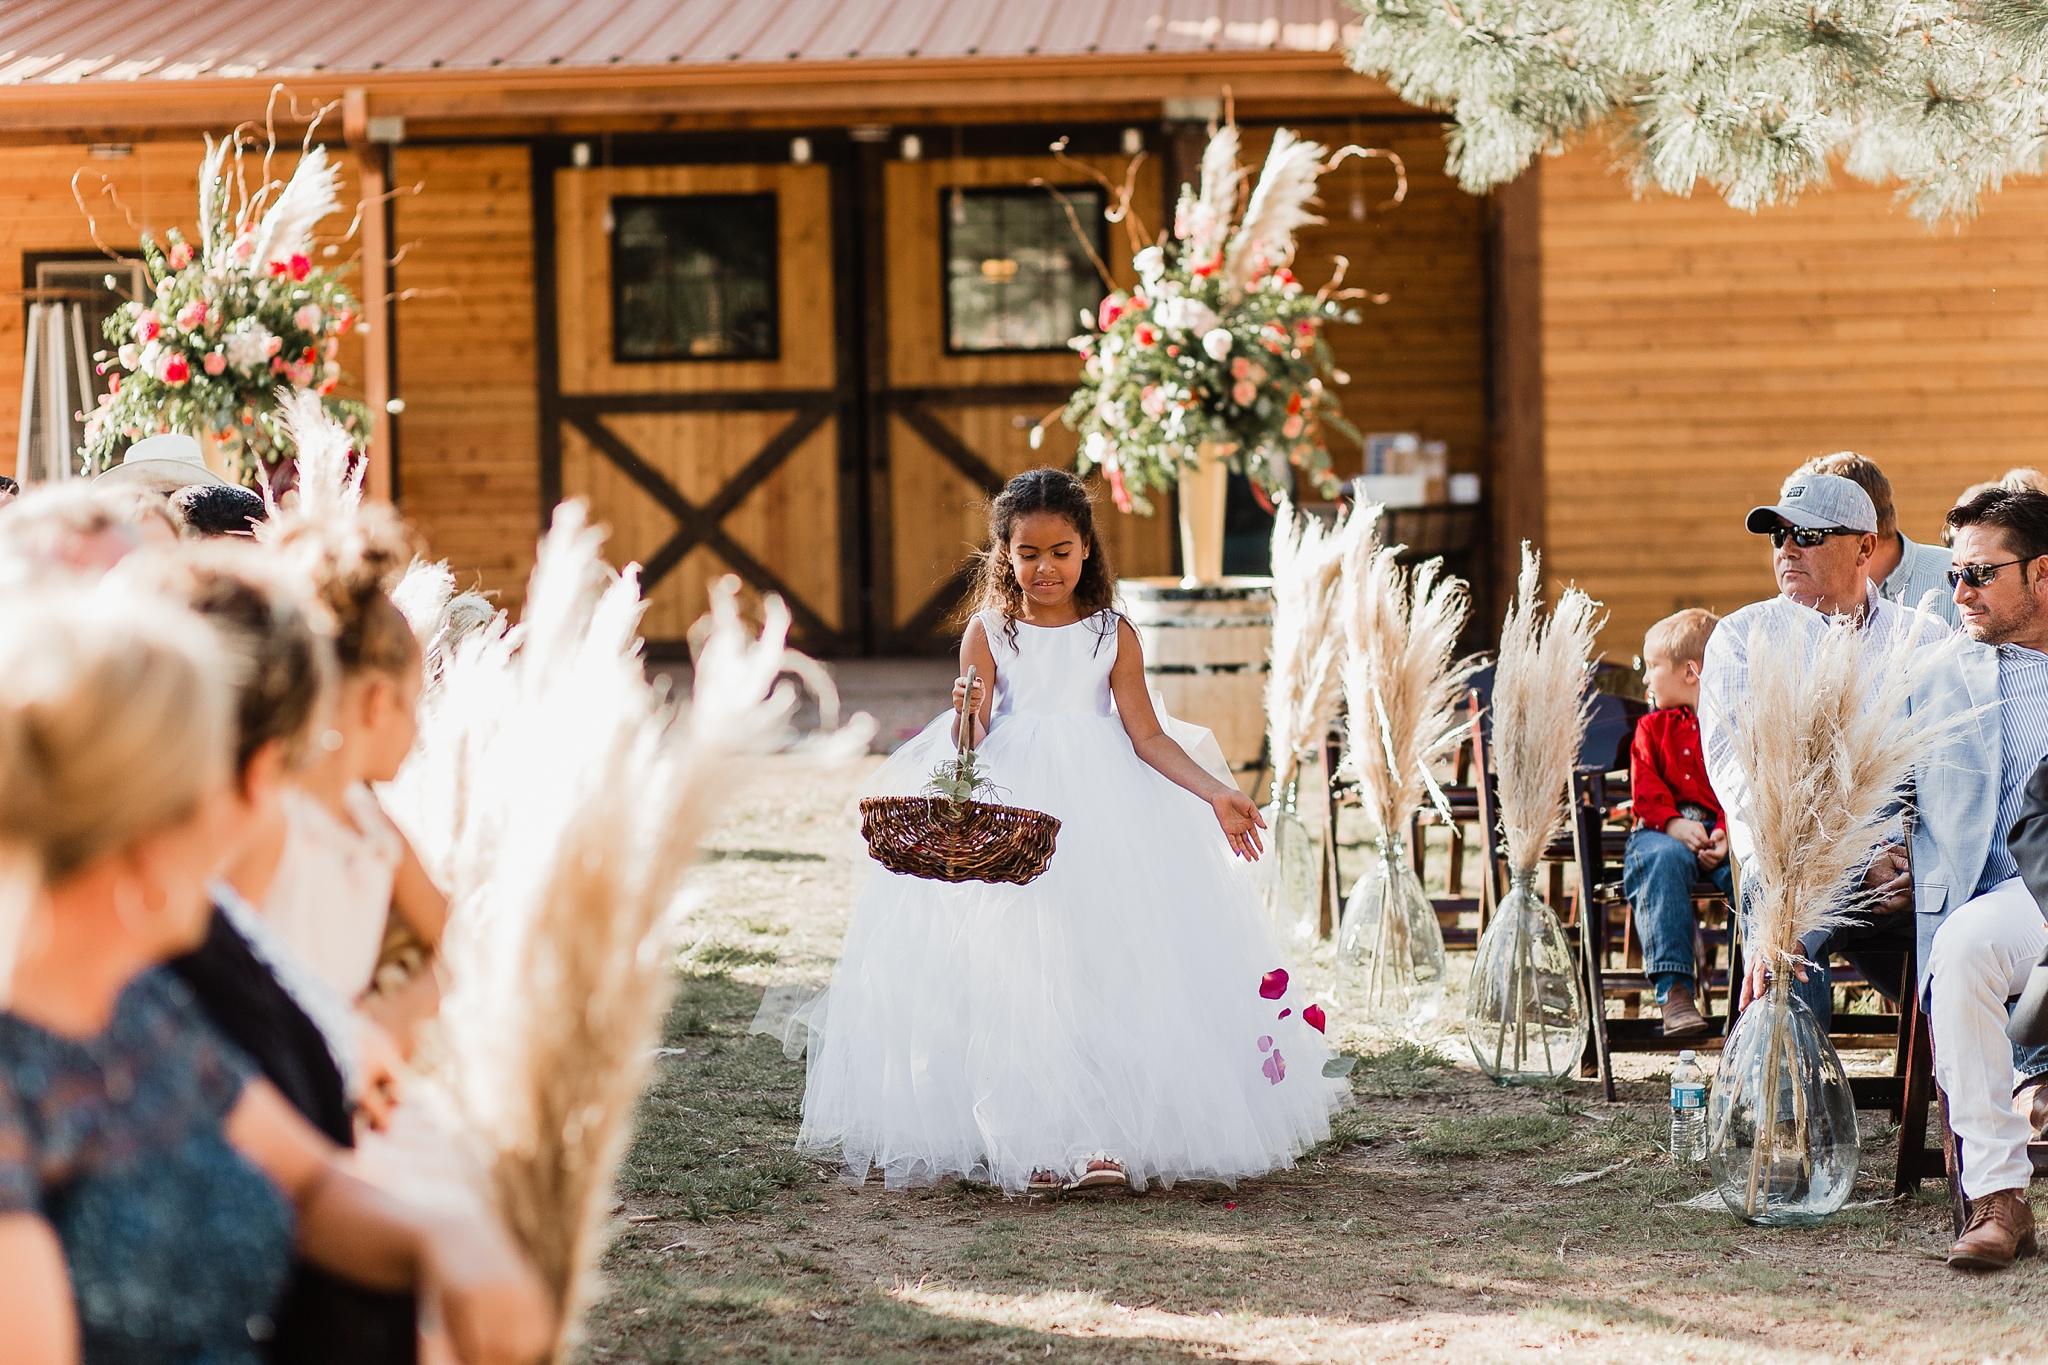 Alicia+lucia+photography+-+albuquerque+wedding+photographer+-+santa+fe+wedding+photography+-+new+mexico+wedding+photographer+-+new+mexico+wedding+-+new+mexico+wedding+-+barn+wedding+-+enchanted+vine+barn+wedding+-+ruidoso+wedding_0089.jpg